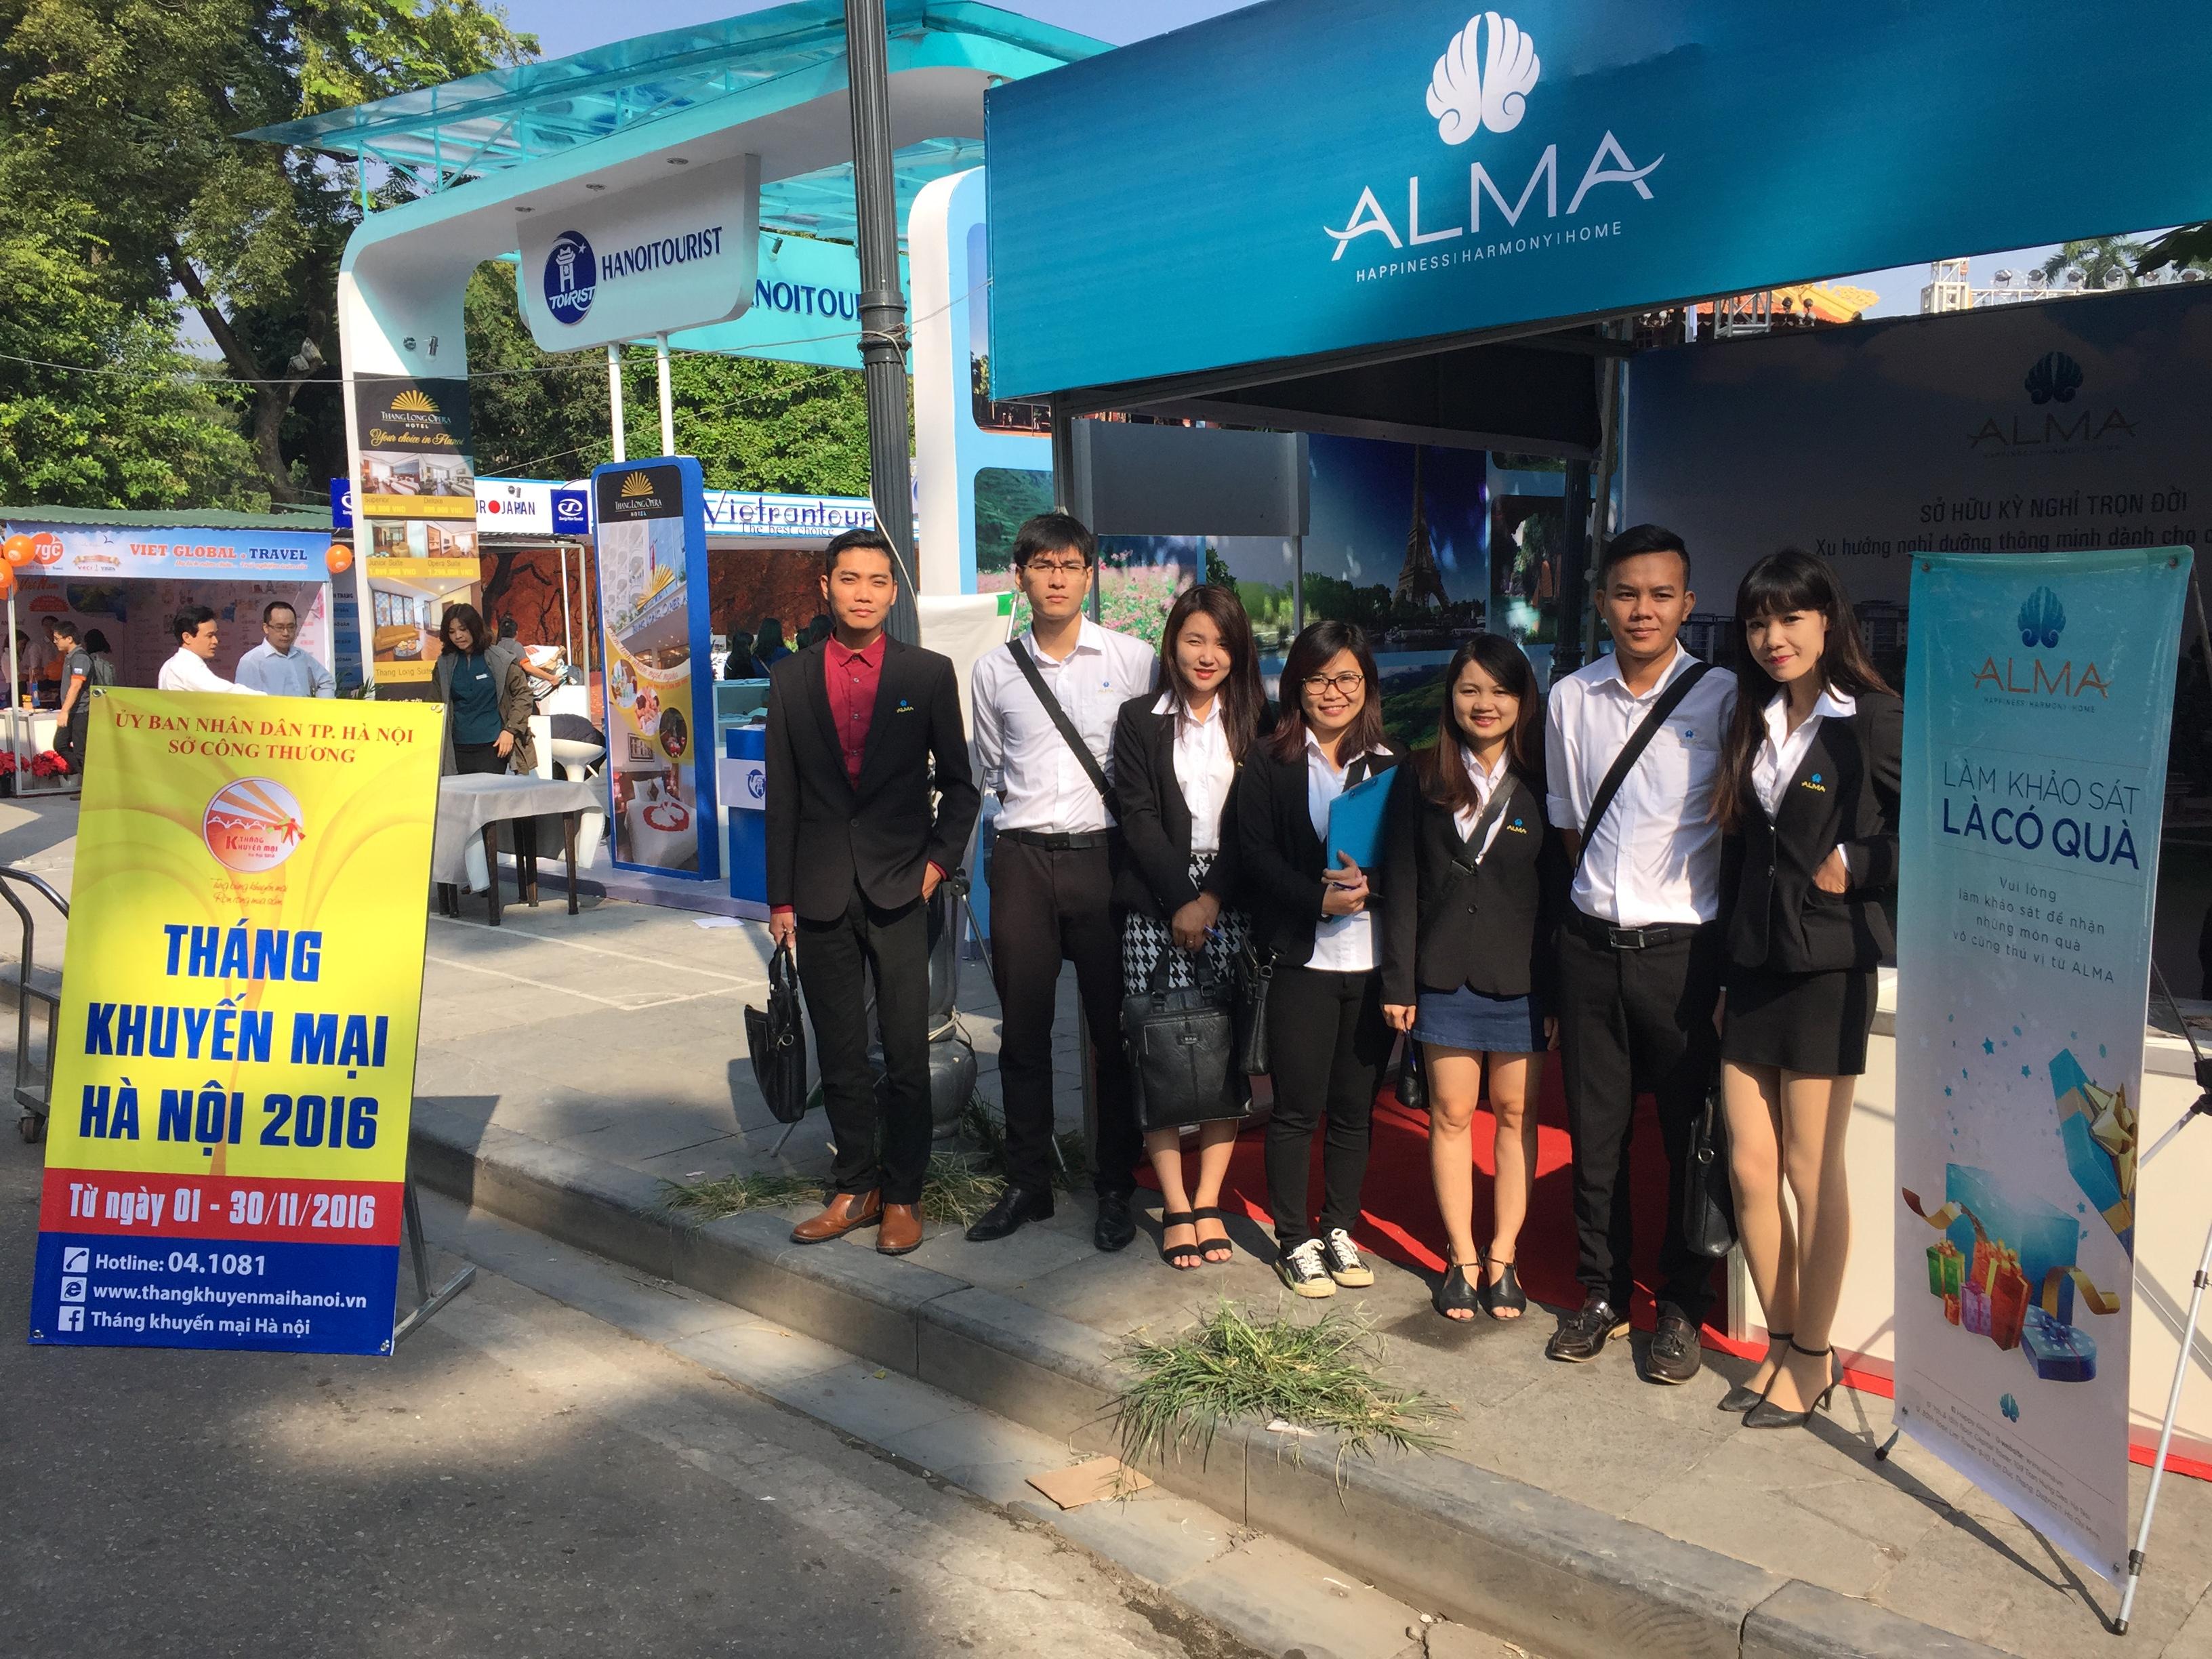 công ty ALMA - sự kiện Tháng khuyến mại Hà Nội